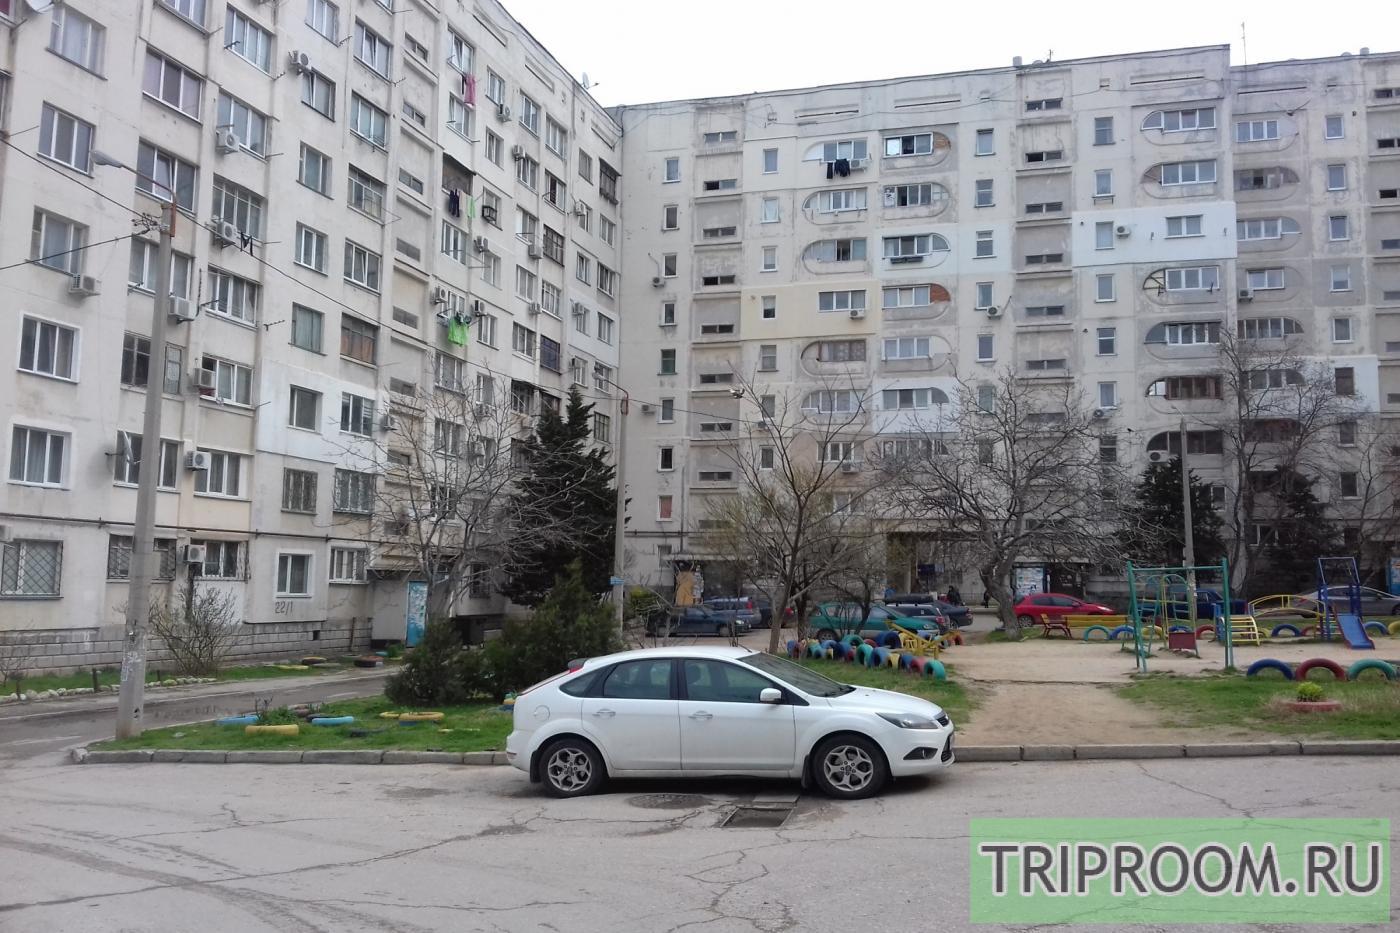 1-комнатная квартира посуточно (вариант № 1071), ул. Октябрьскойреволюции проспект, фото № 23